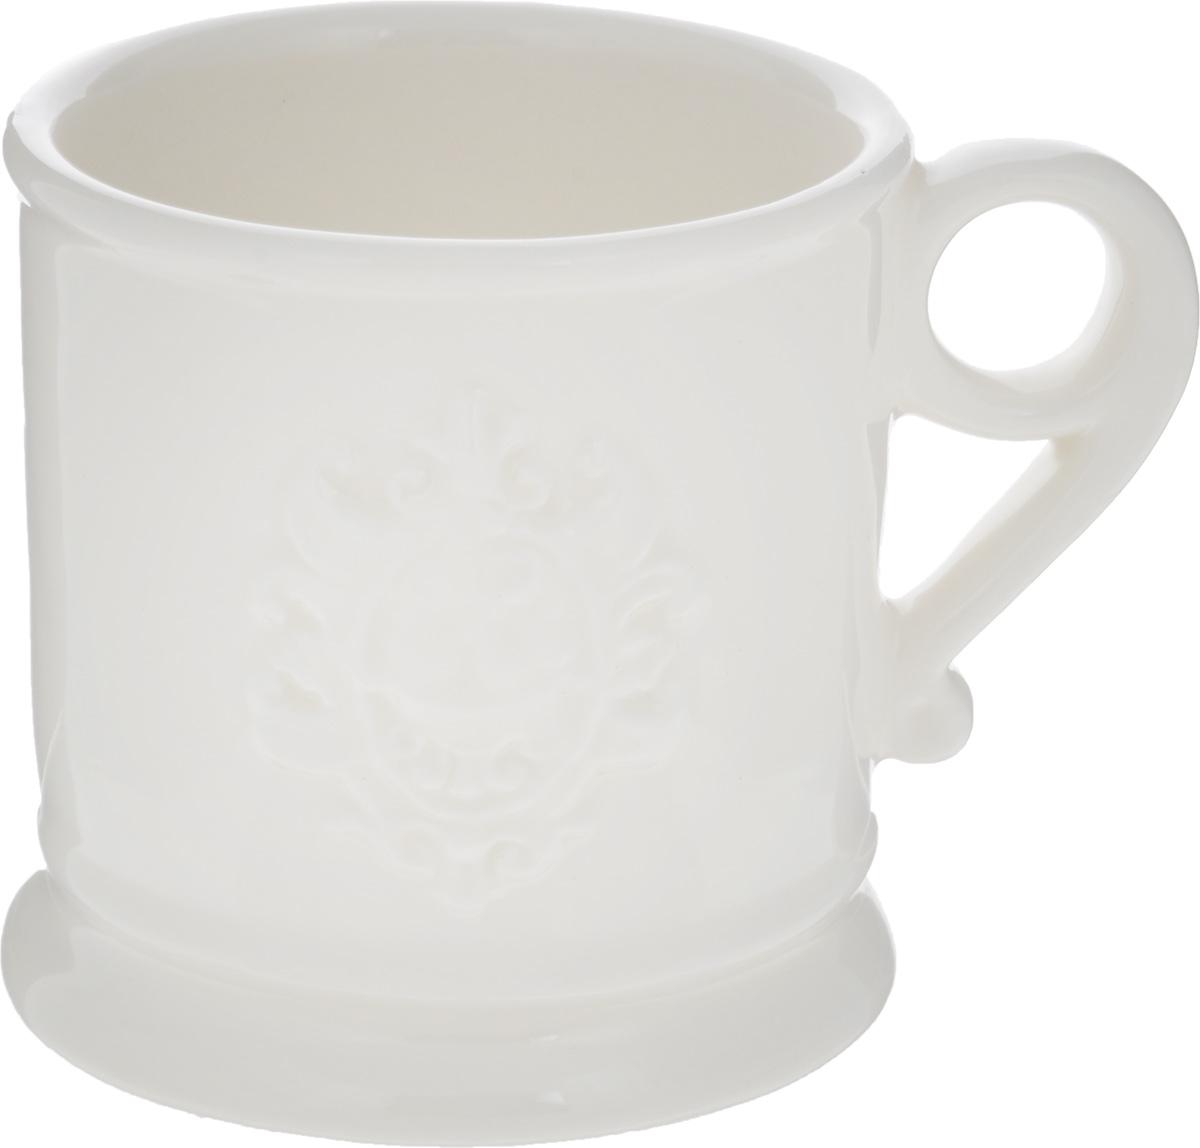 Кружка Nuova Cer Аральдо, цвет: кремовый, 400 млNC8307-AVR-ALКружка Nuova Cer Аральдо выполнена из высококачественной толстой керамики с глазурованным покрытием и оформлена оригинальным рельефным рисунком. Красивая и удобная кружка дополнит интерьер вашей кухни. Не рекомендуется мыть в посудомоечной машине и использовать в микроволновой печи. Диаметр кружки (по верхнему краю): 10 см.